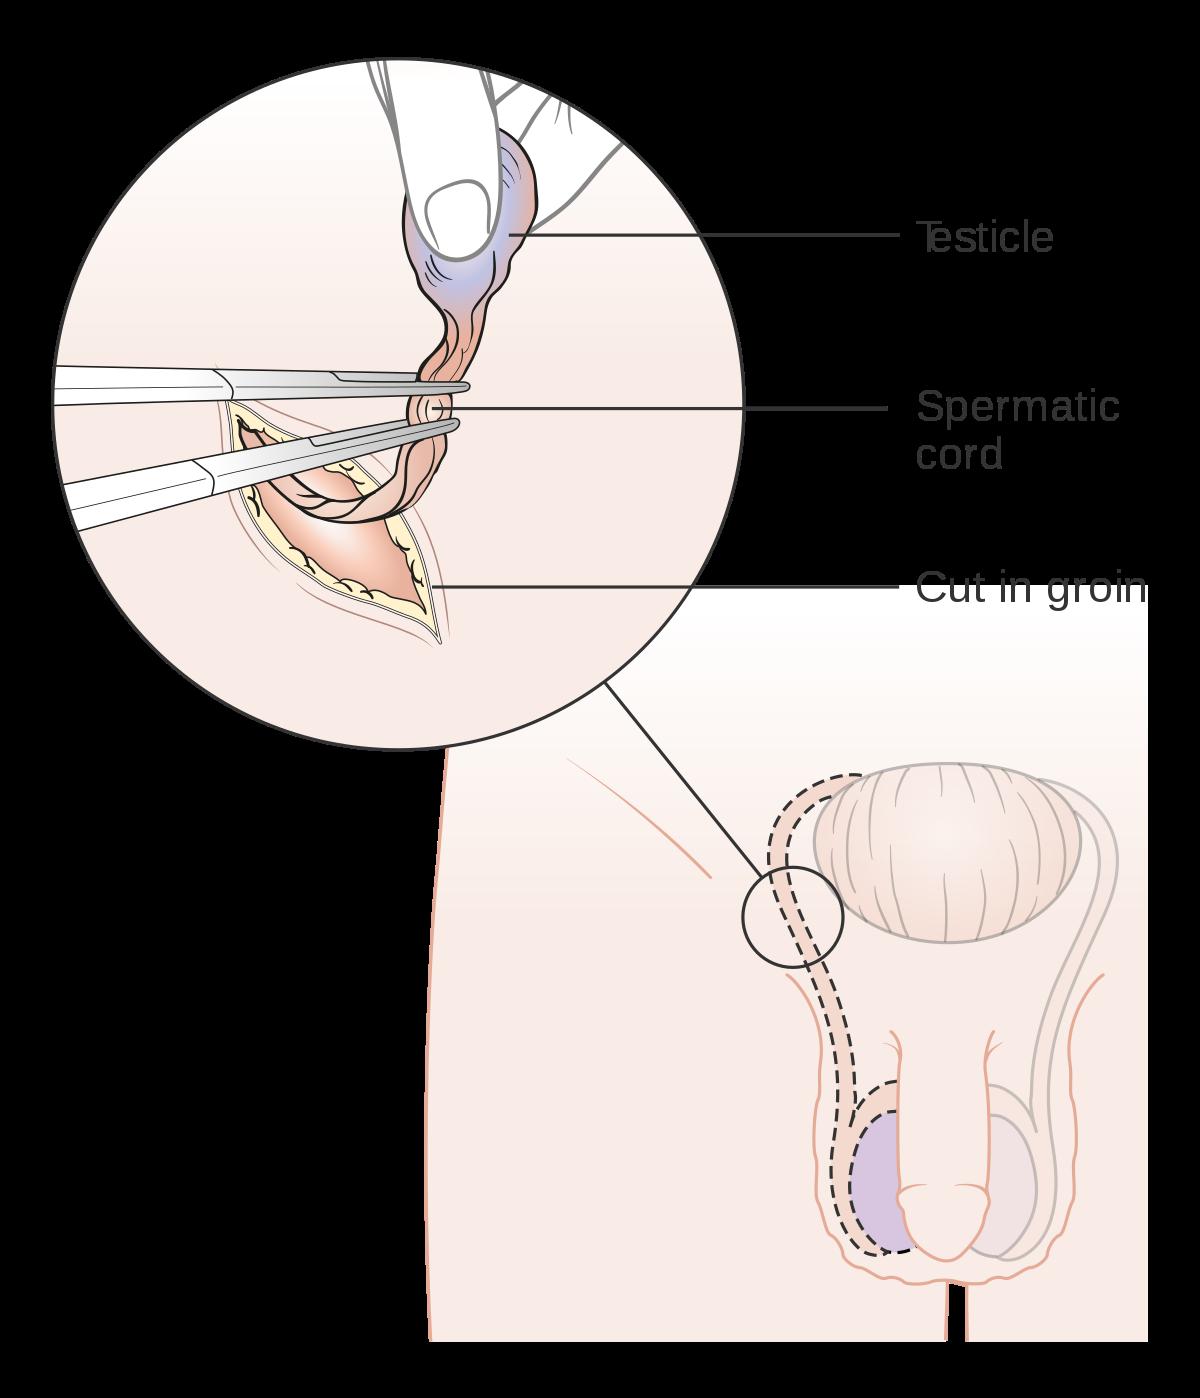 testicular - Traducere în română - exemple în engleză | Reverso Context